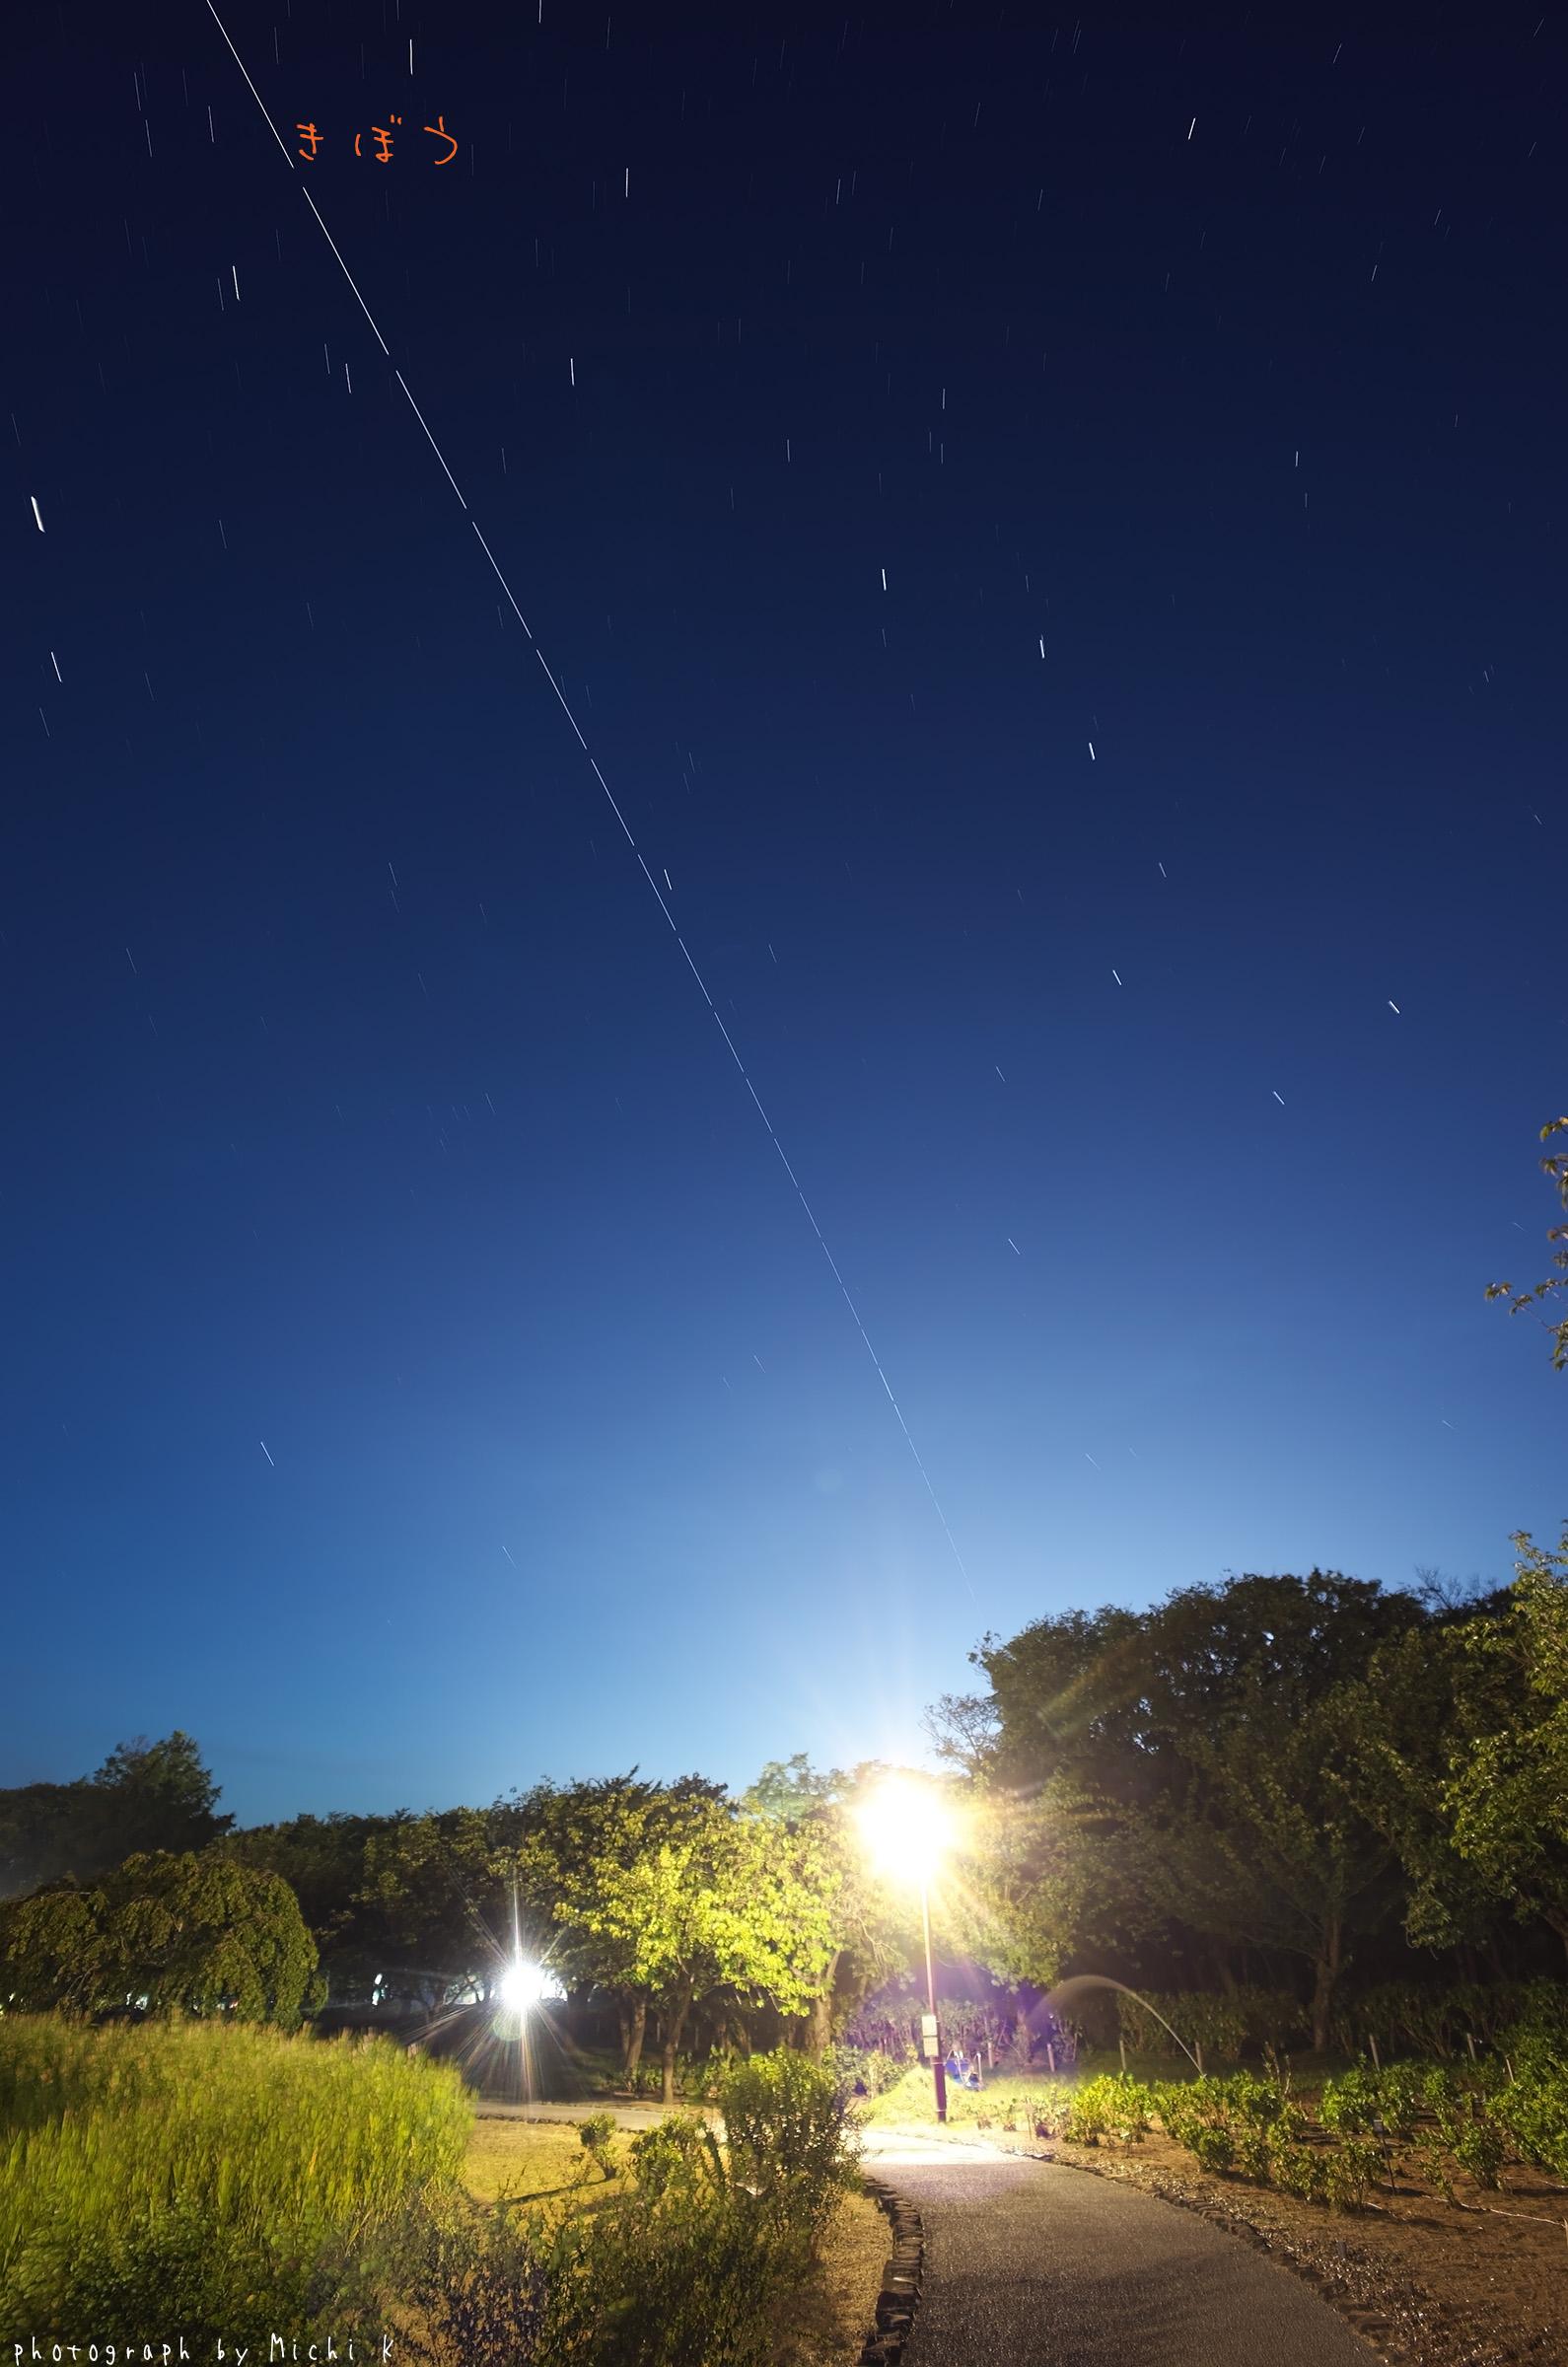 国際宇宙ステーション「きぼう」の奇跡2019年8月6日